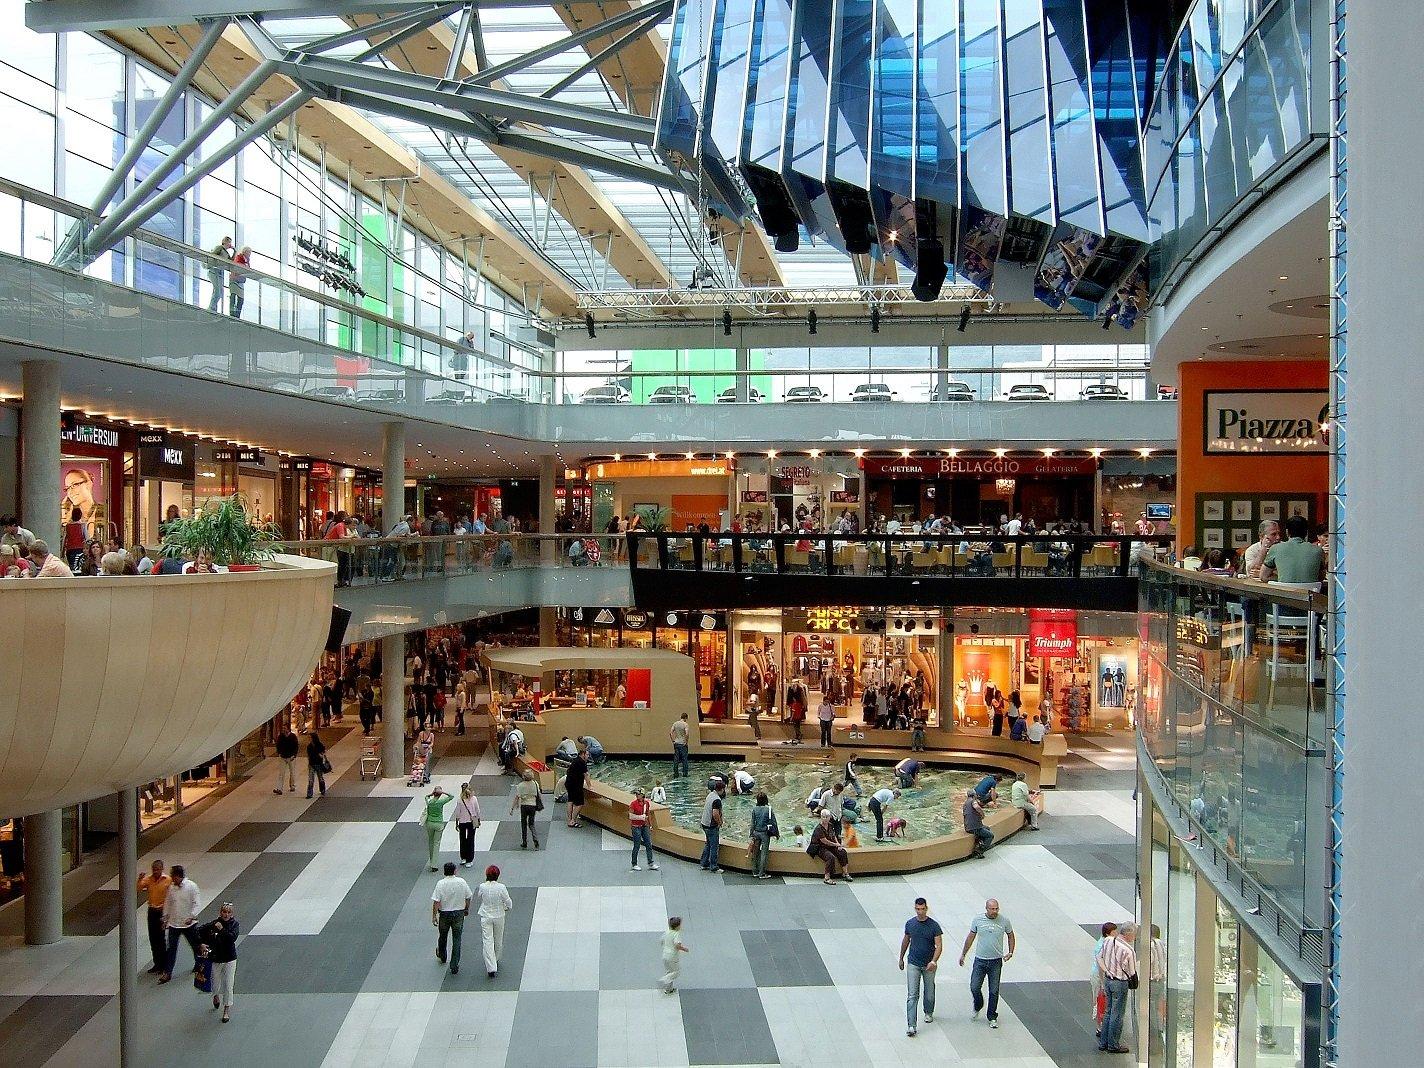 Villach_Atrio_Shopping_Center_11082007_11